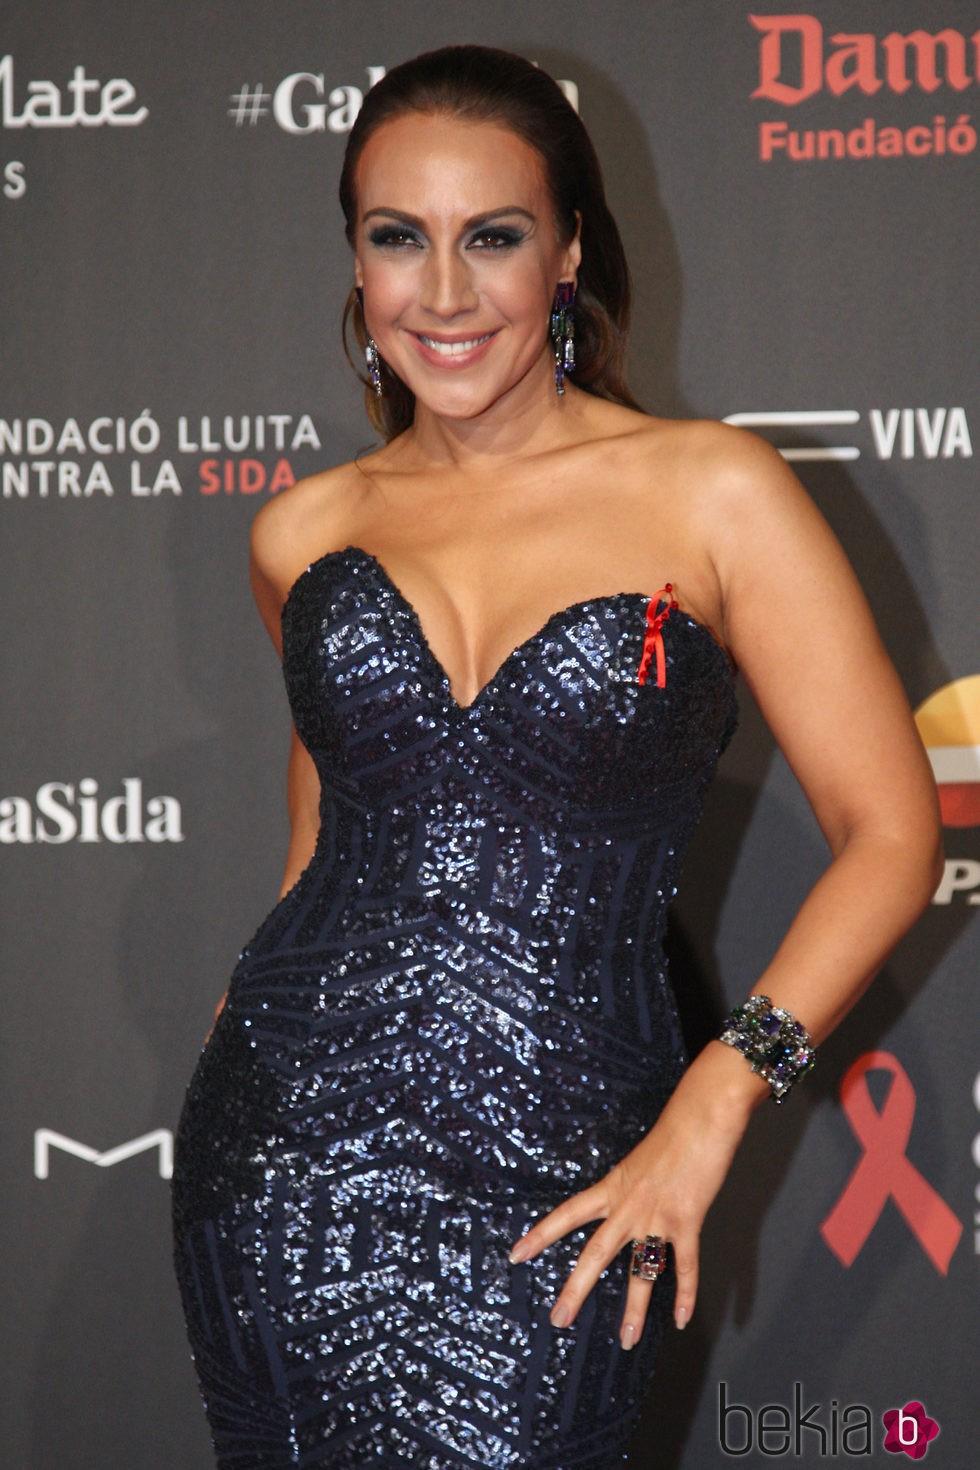 MILFs..de 35 a 45. - Página 11 82153_monica-naranjo-gala-contra-sida-2015-barcelona